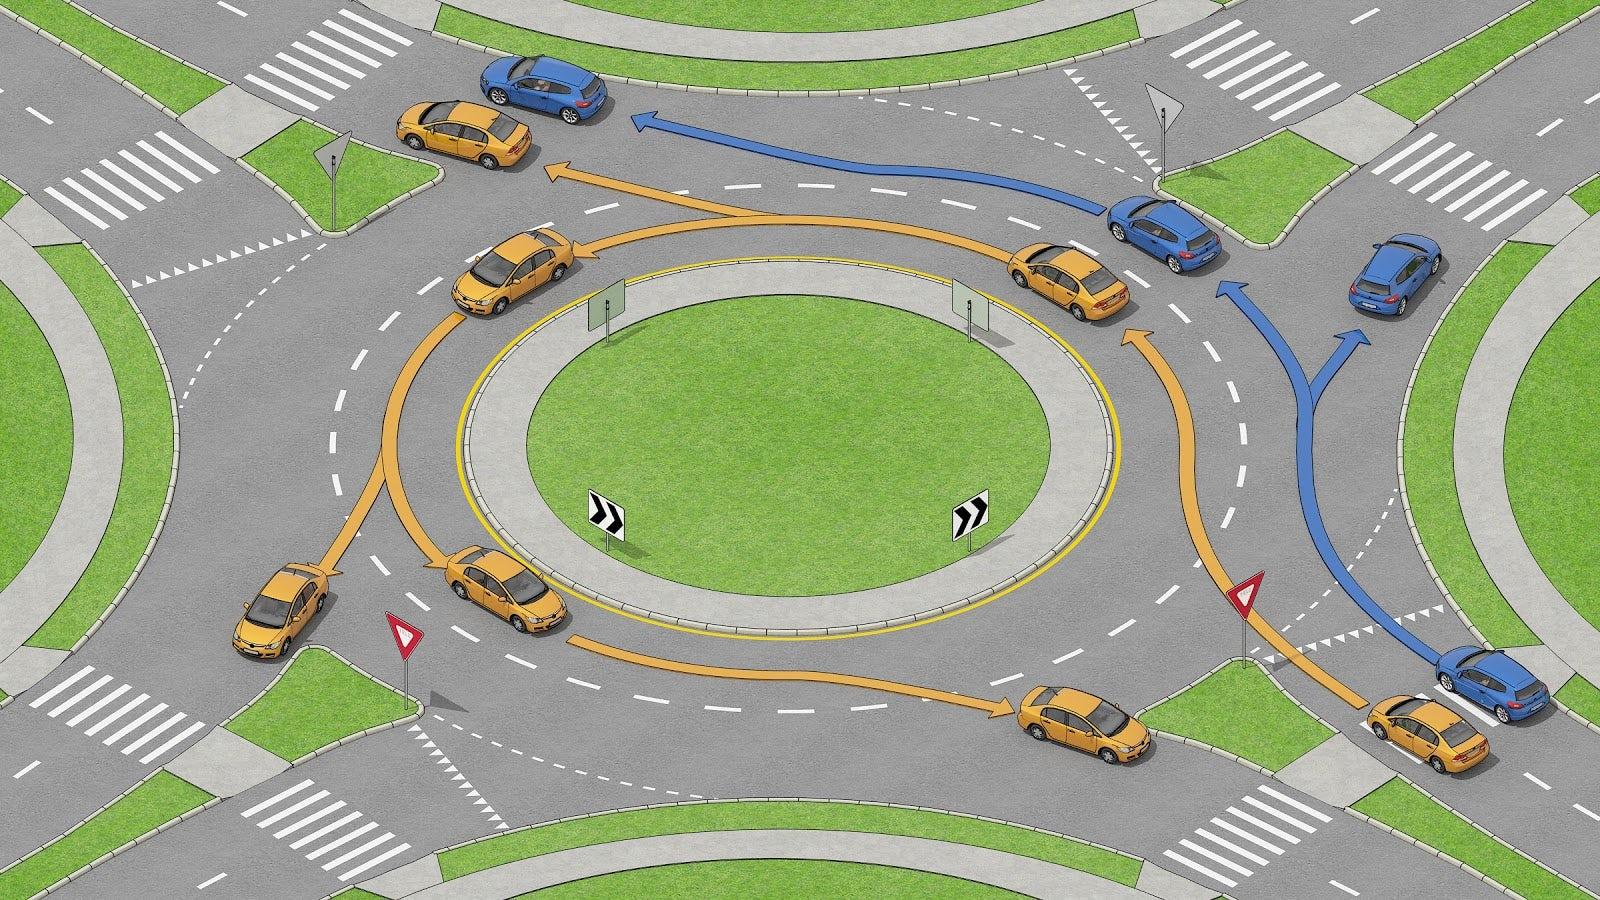 Bilar som kör i en rondell